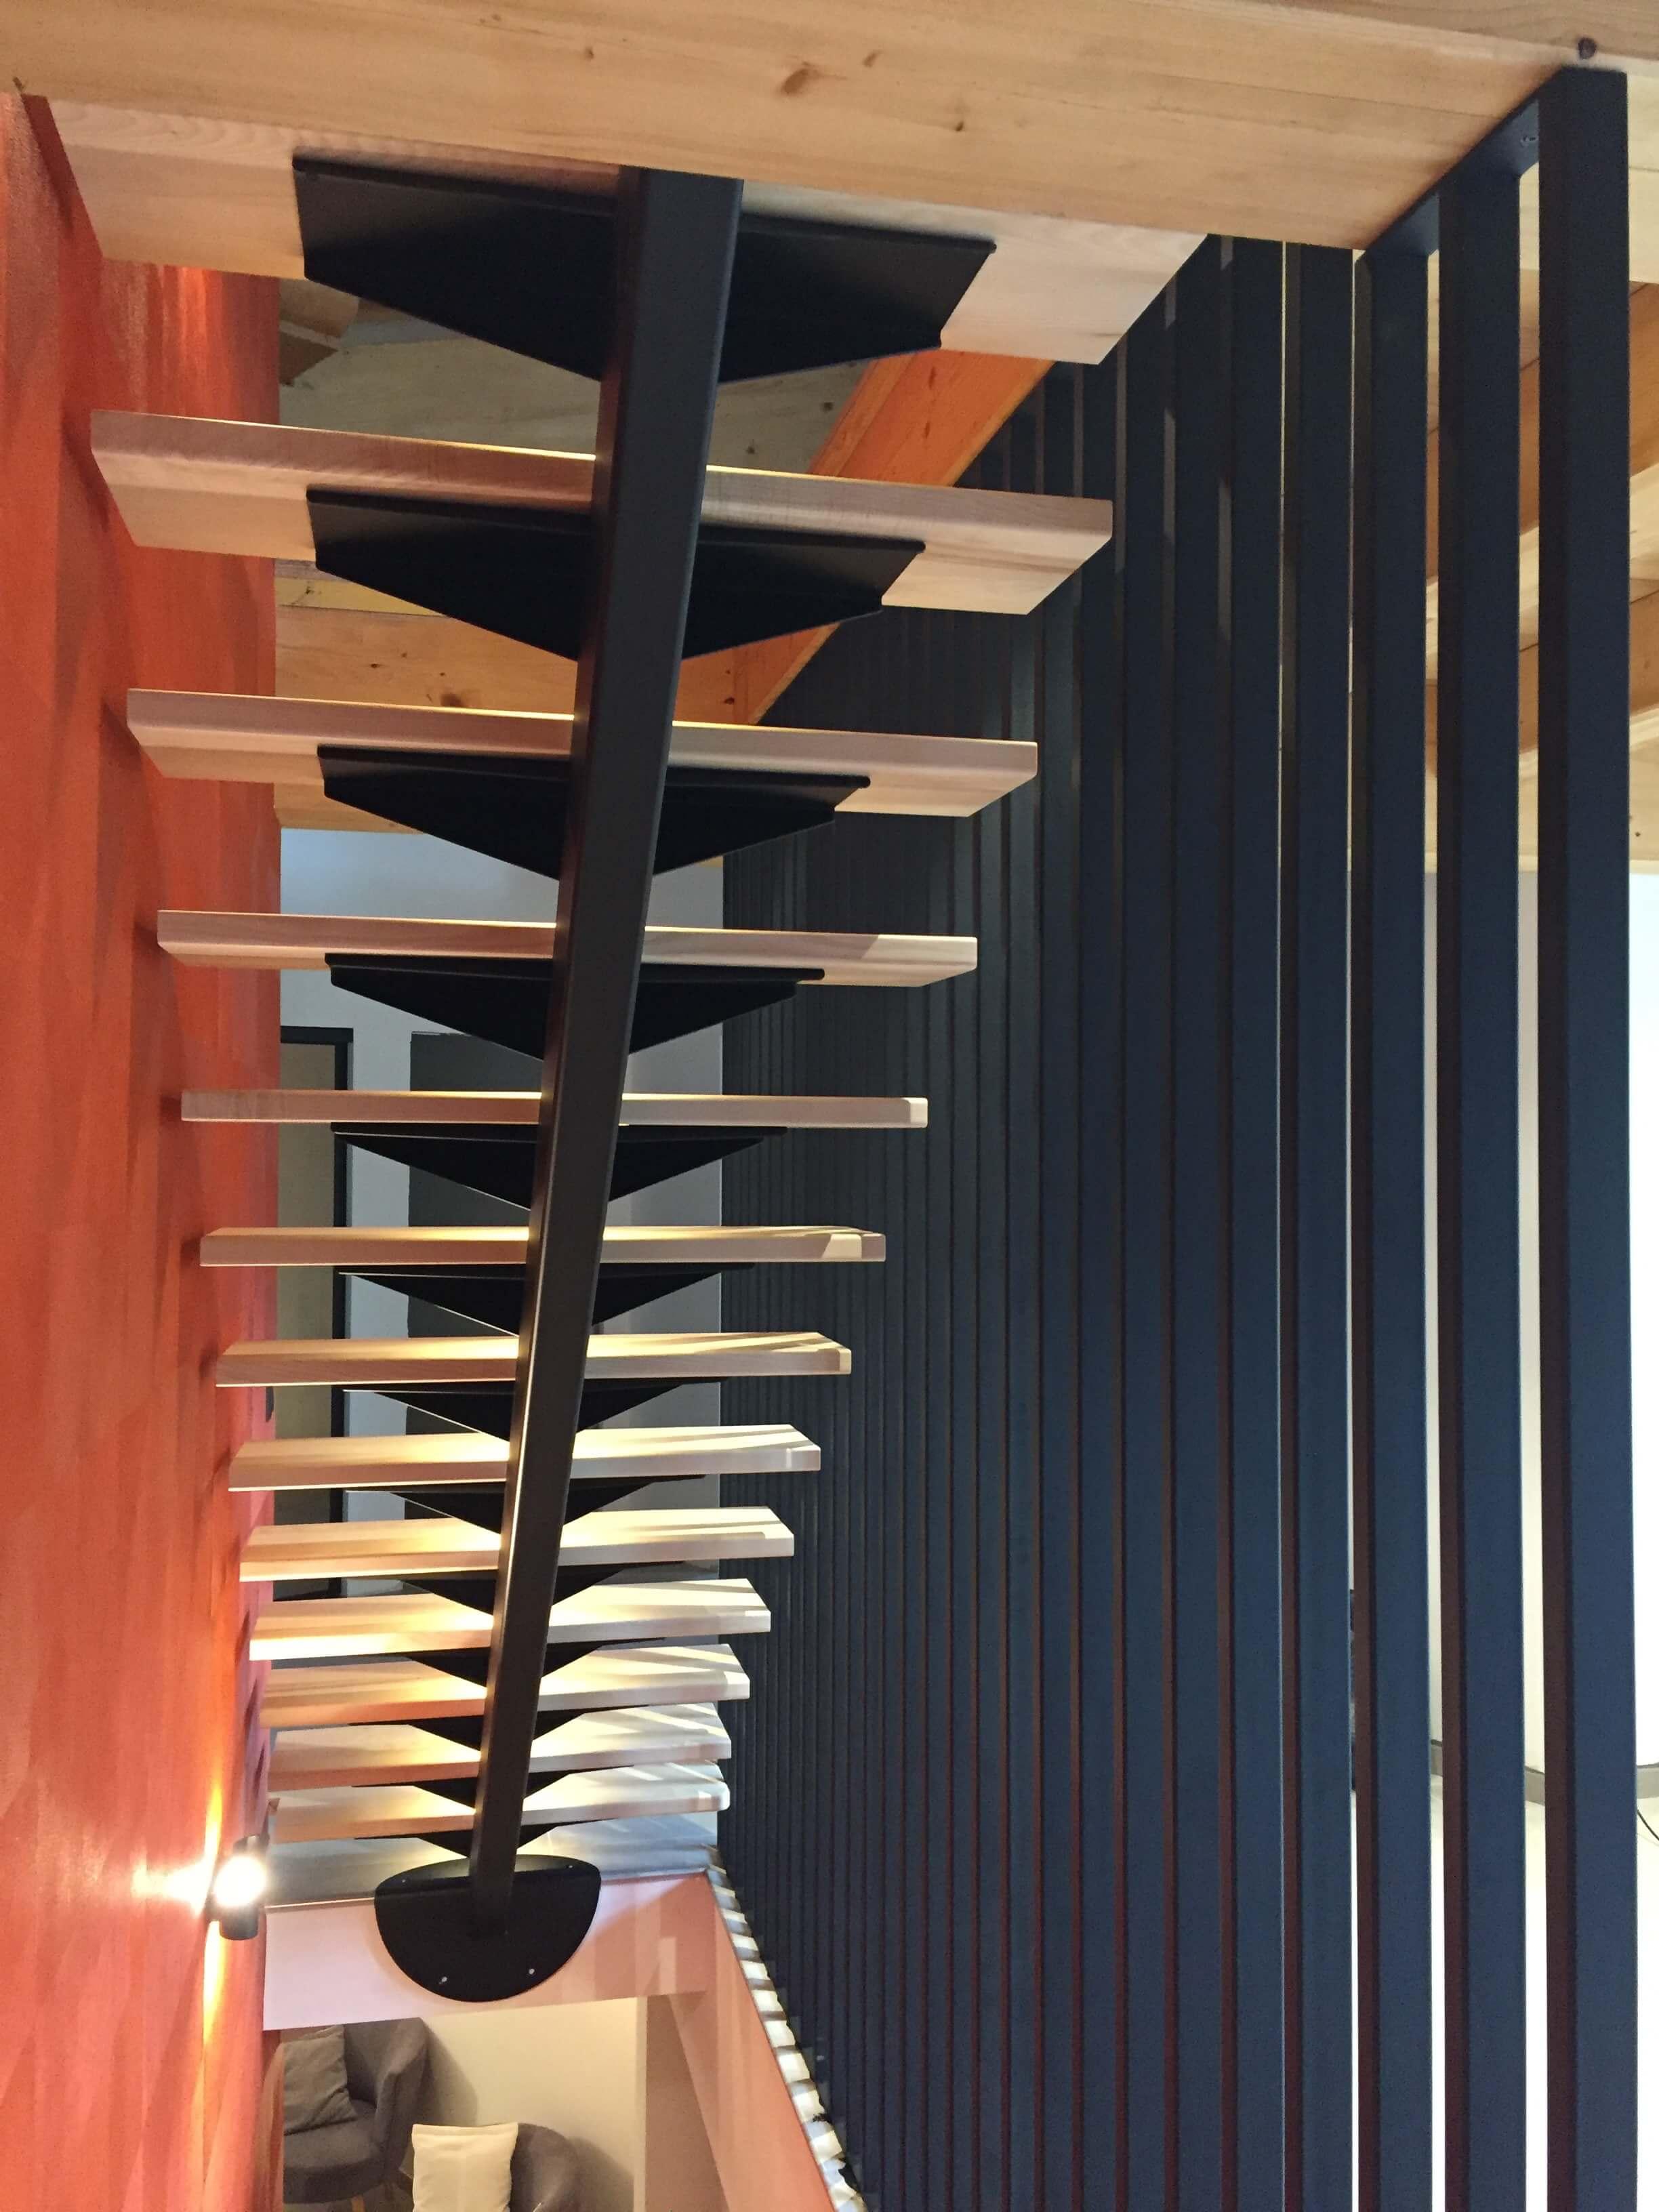 Robi design Métallique Annecy agencement intérieur verrière claustra Tarentaise 7318